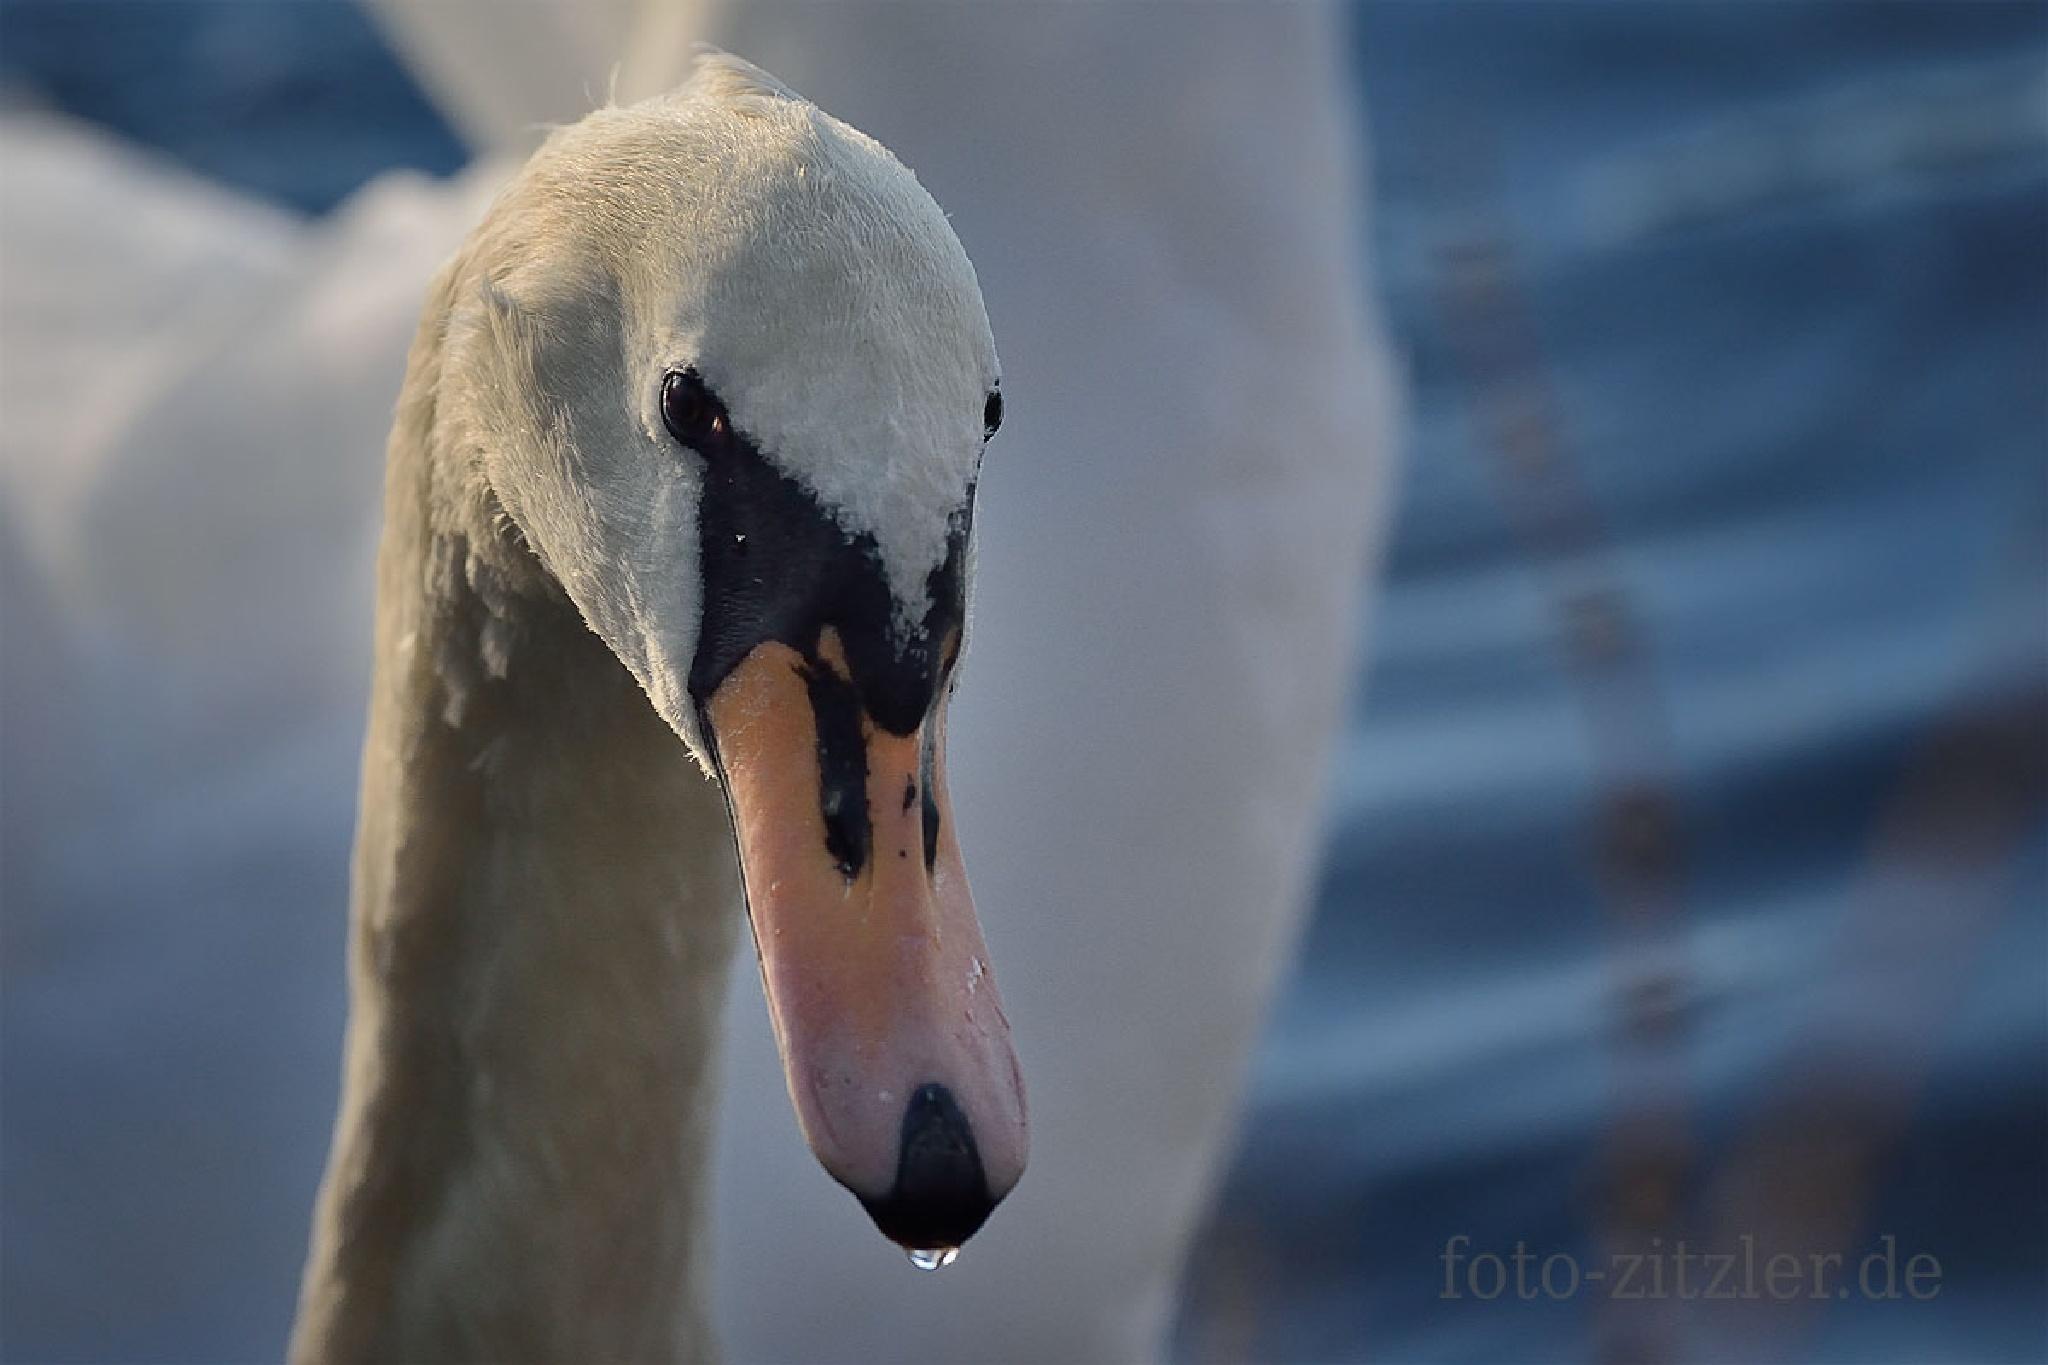 swan by Hans Zitzler